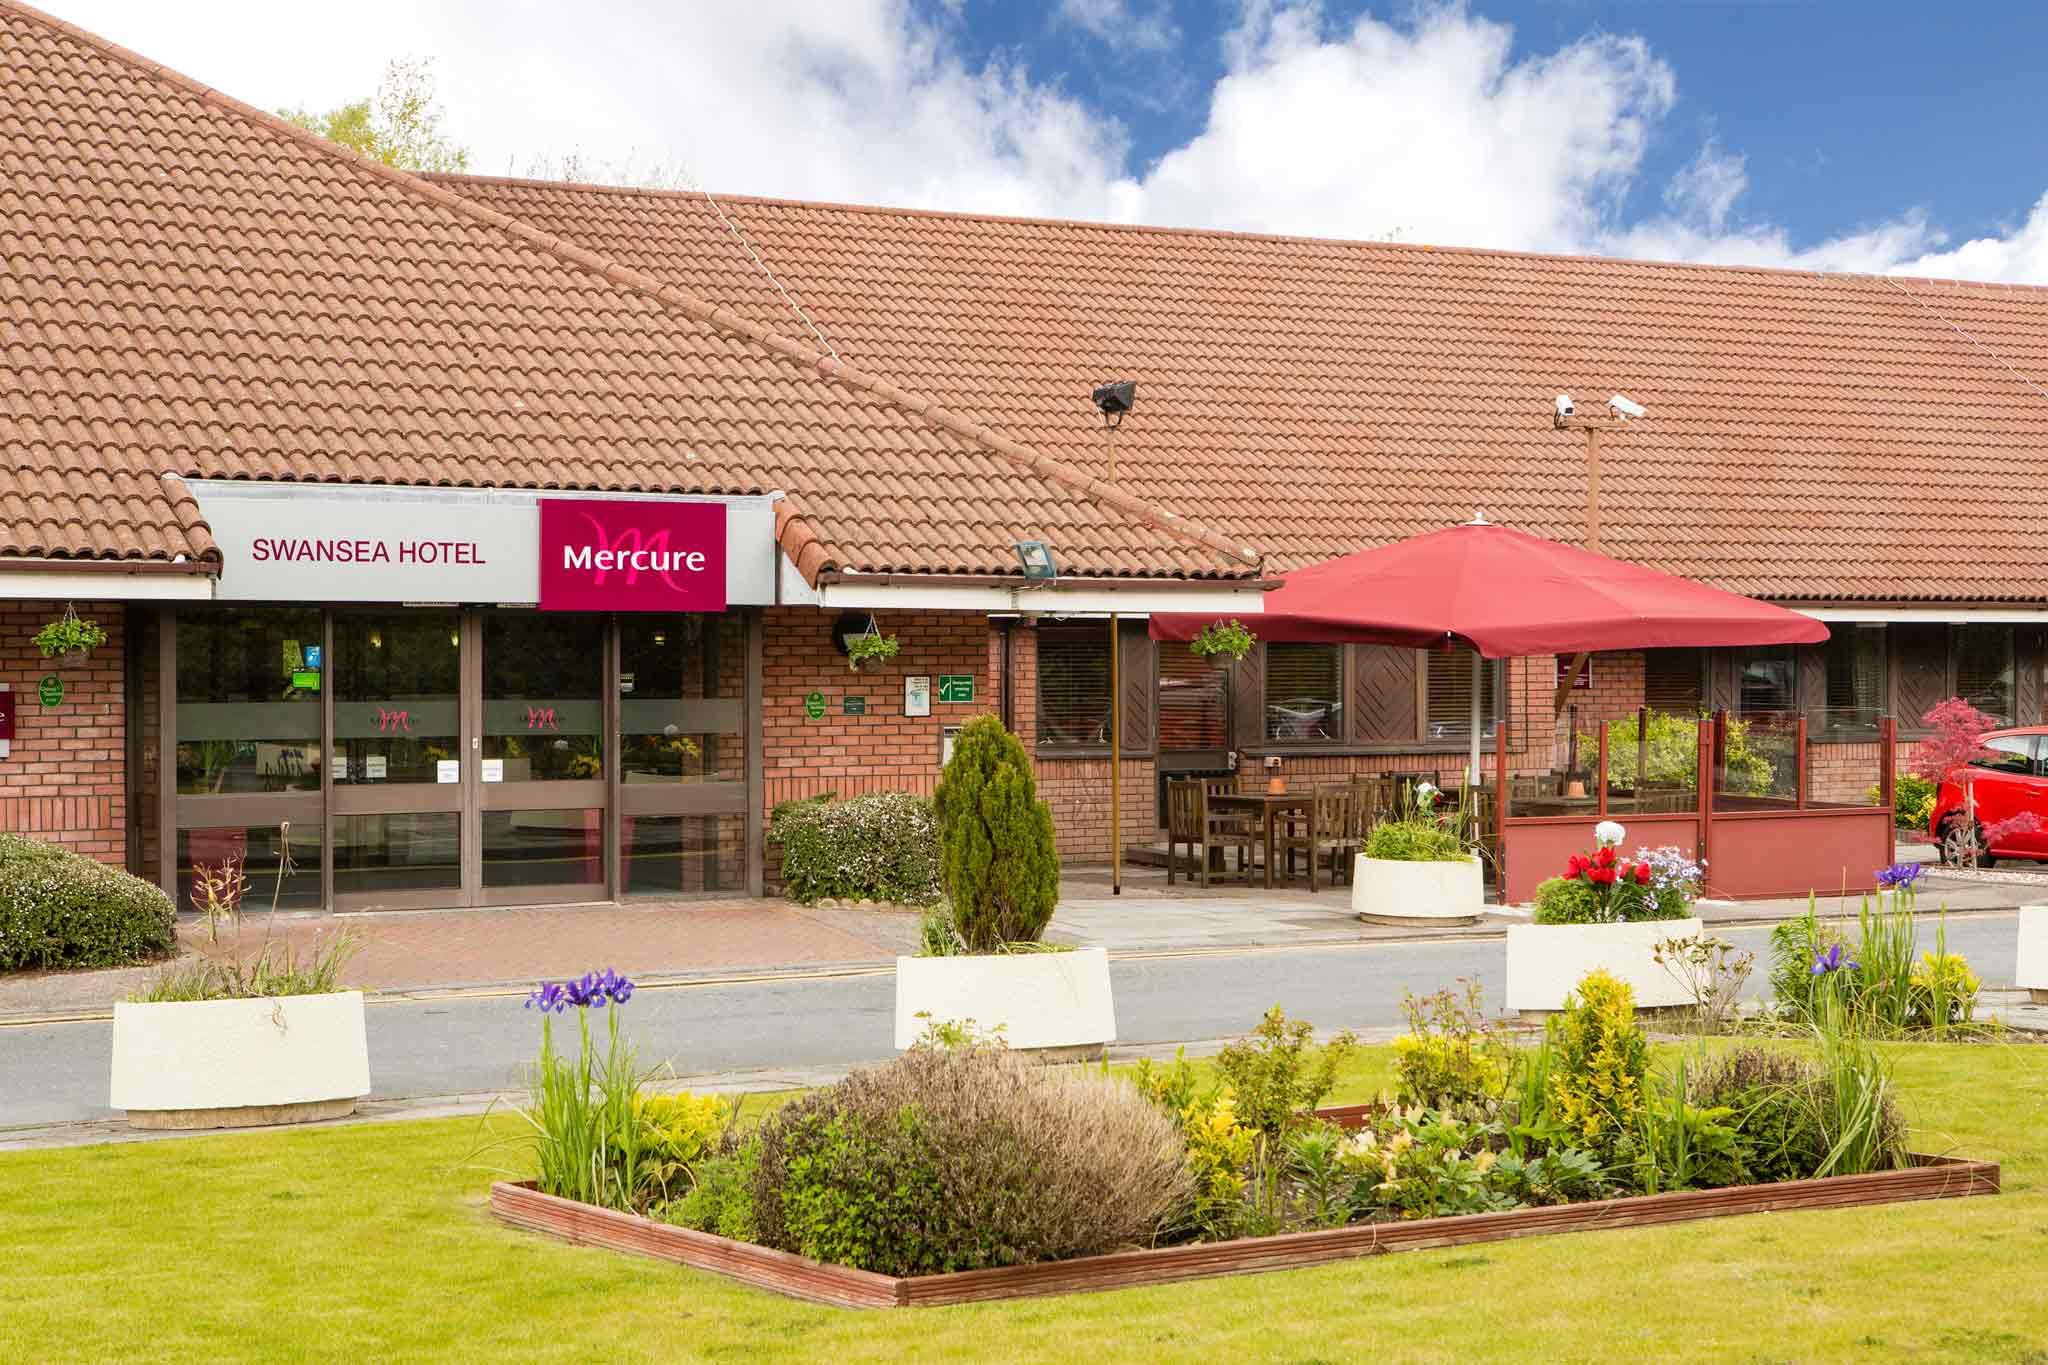 โรงแรม – Mercure Swansea Hotel